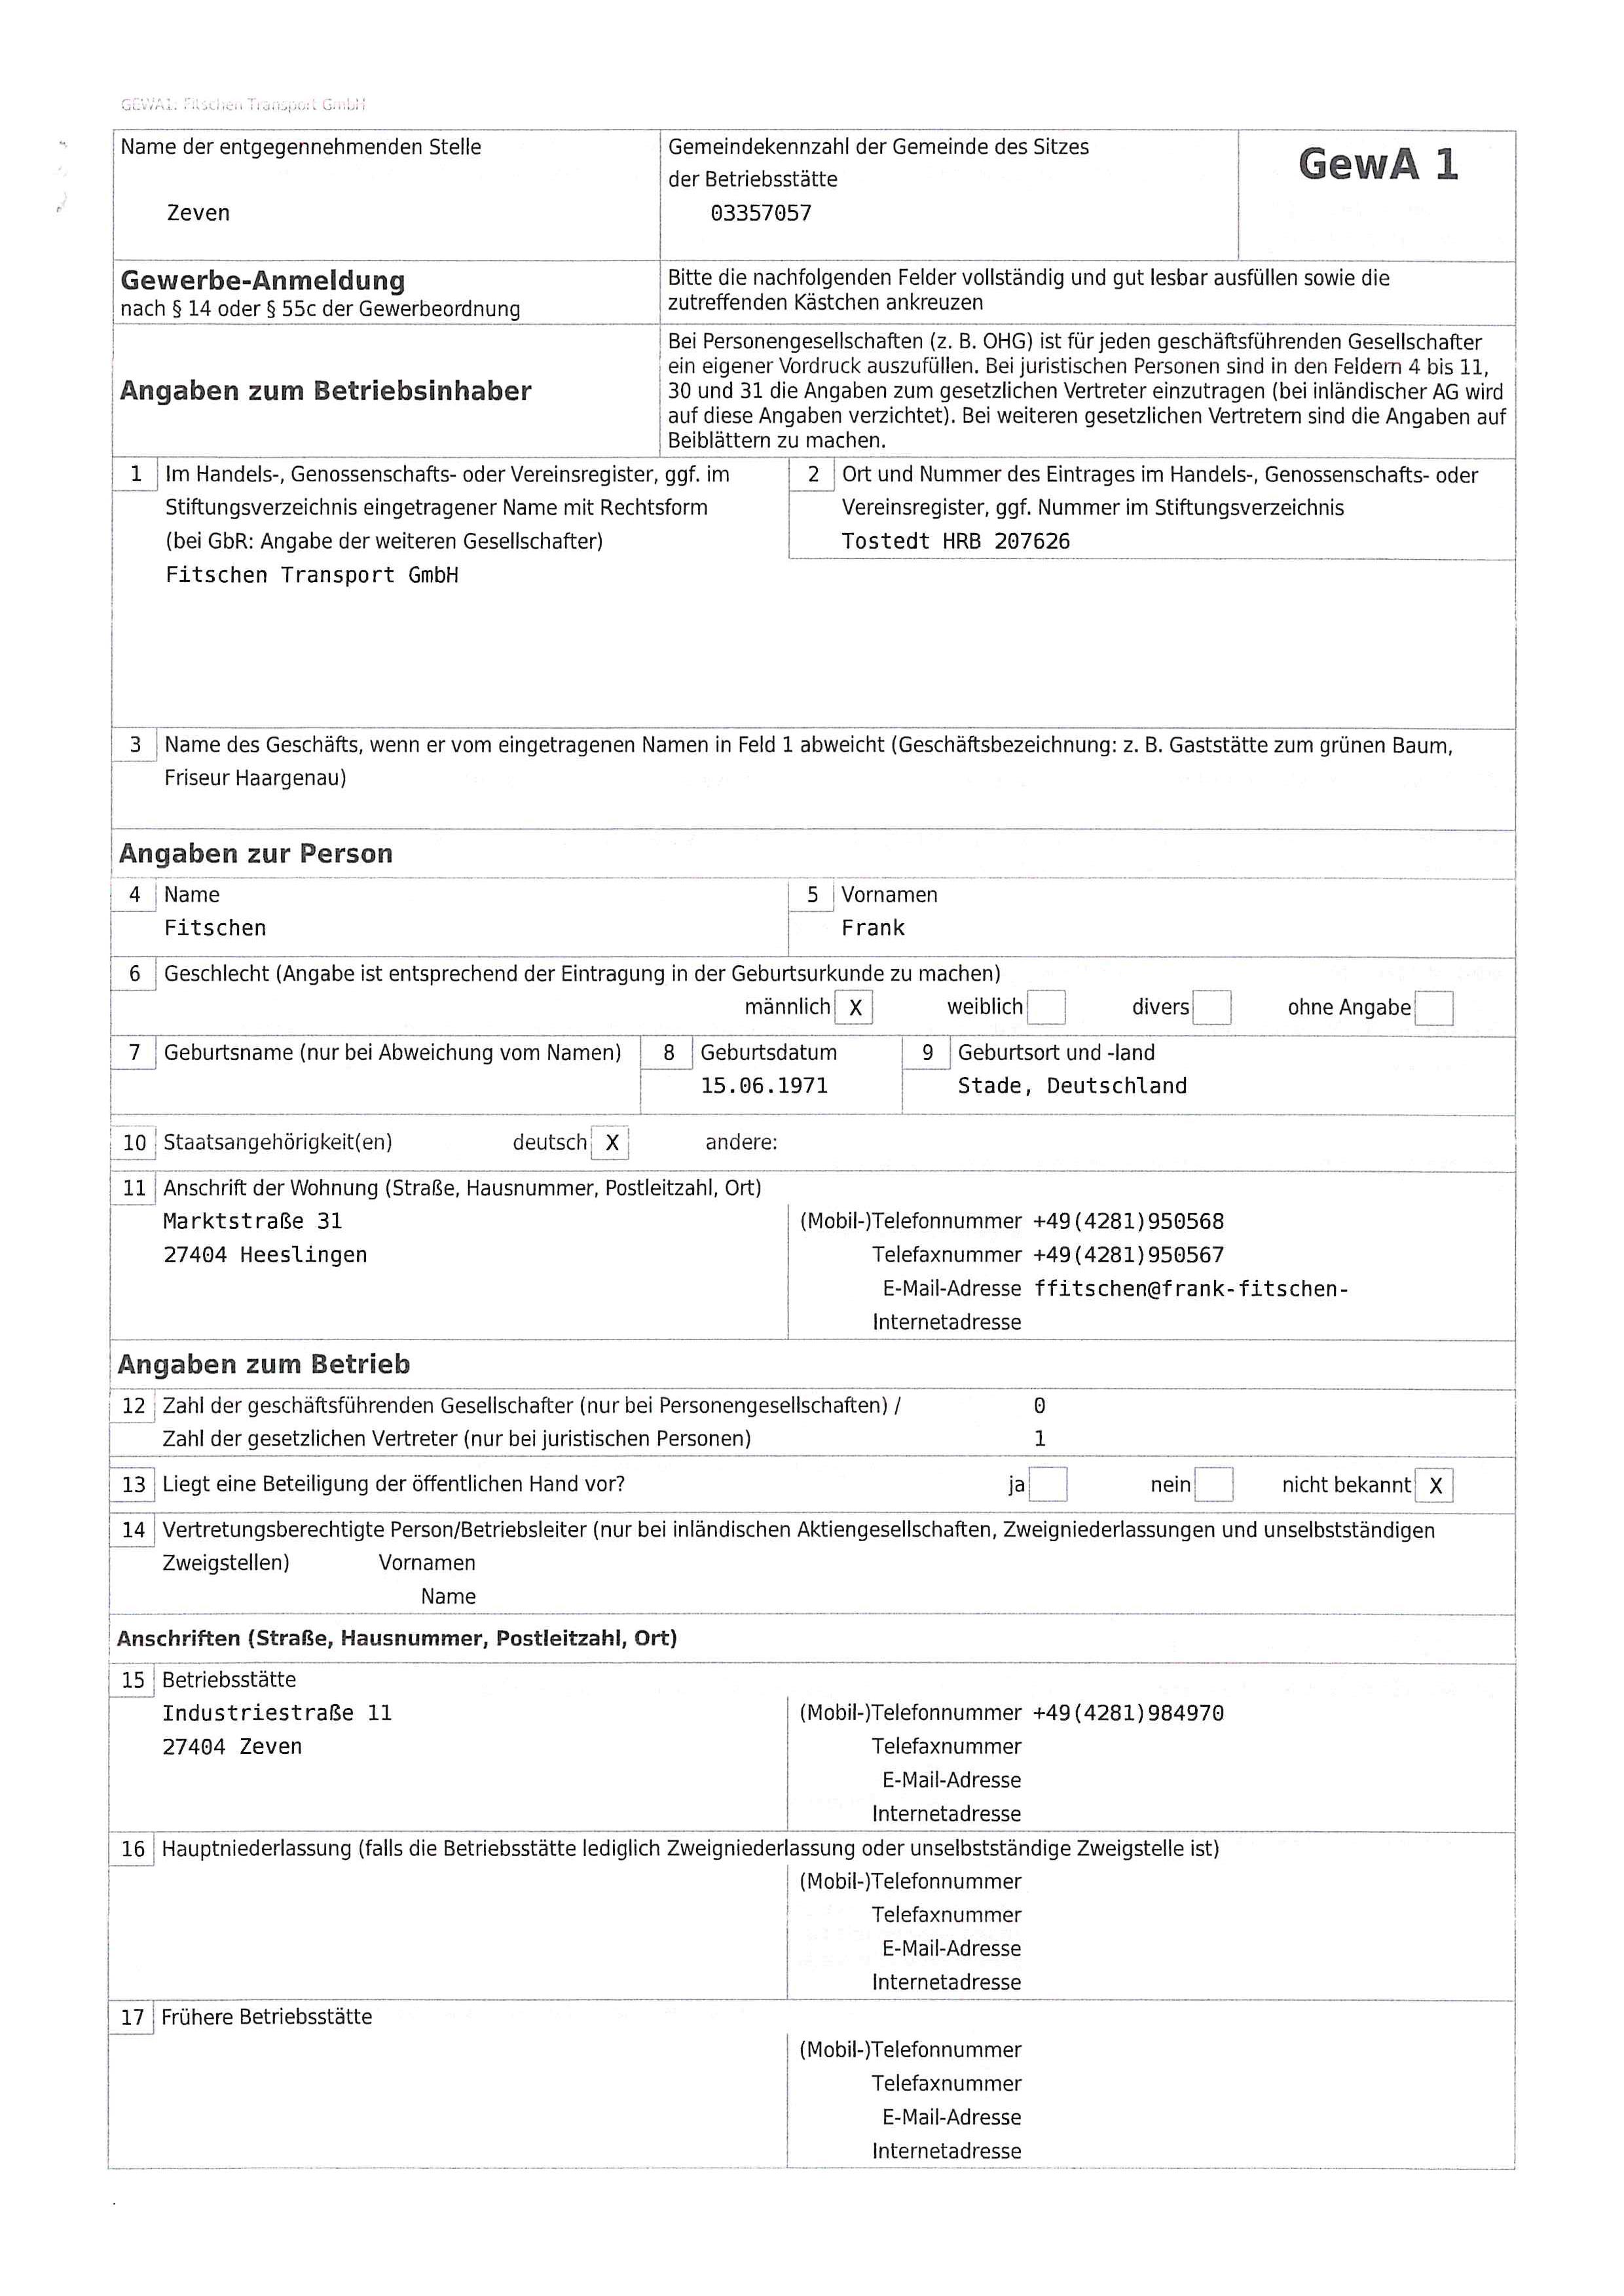 Gewerbeanmeldung Fitschen Transport GmbH_Seite_1